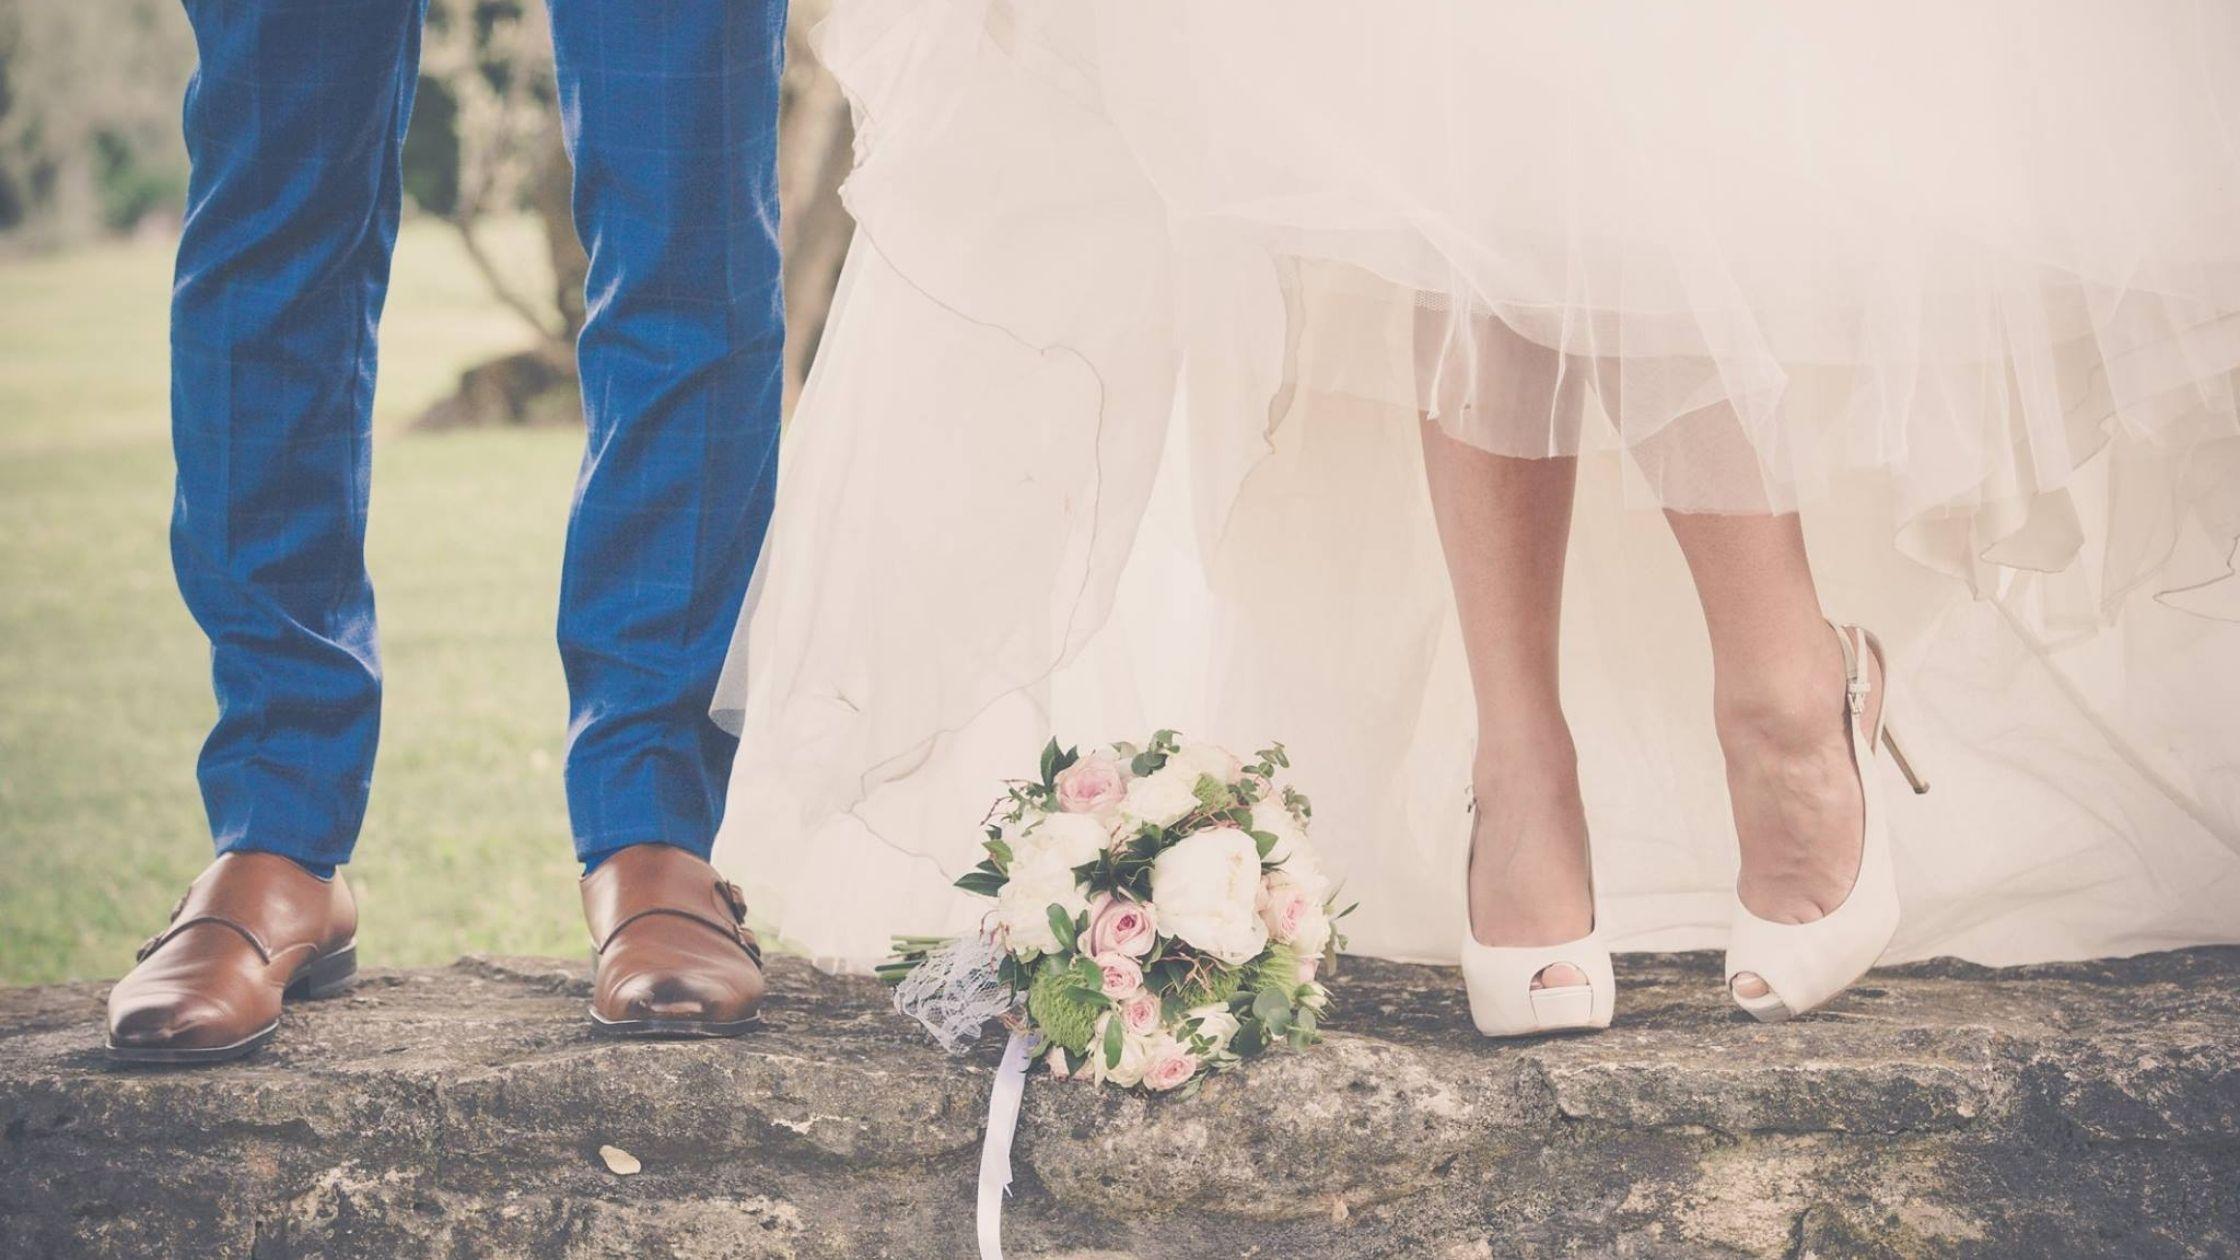 Mariage bohème-chic, célébrez votre amour en beauté - Crédit photo Med Bleu citron prod www.bleucitronprod.fr